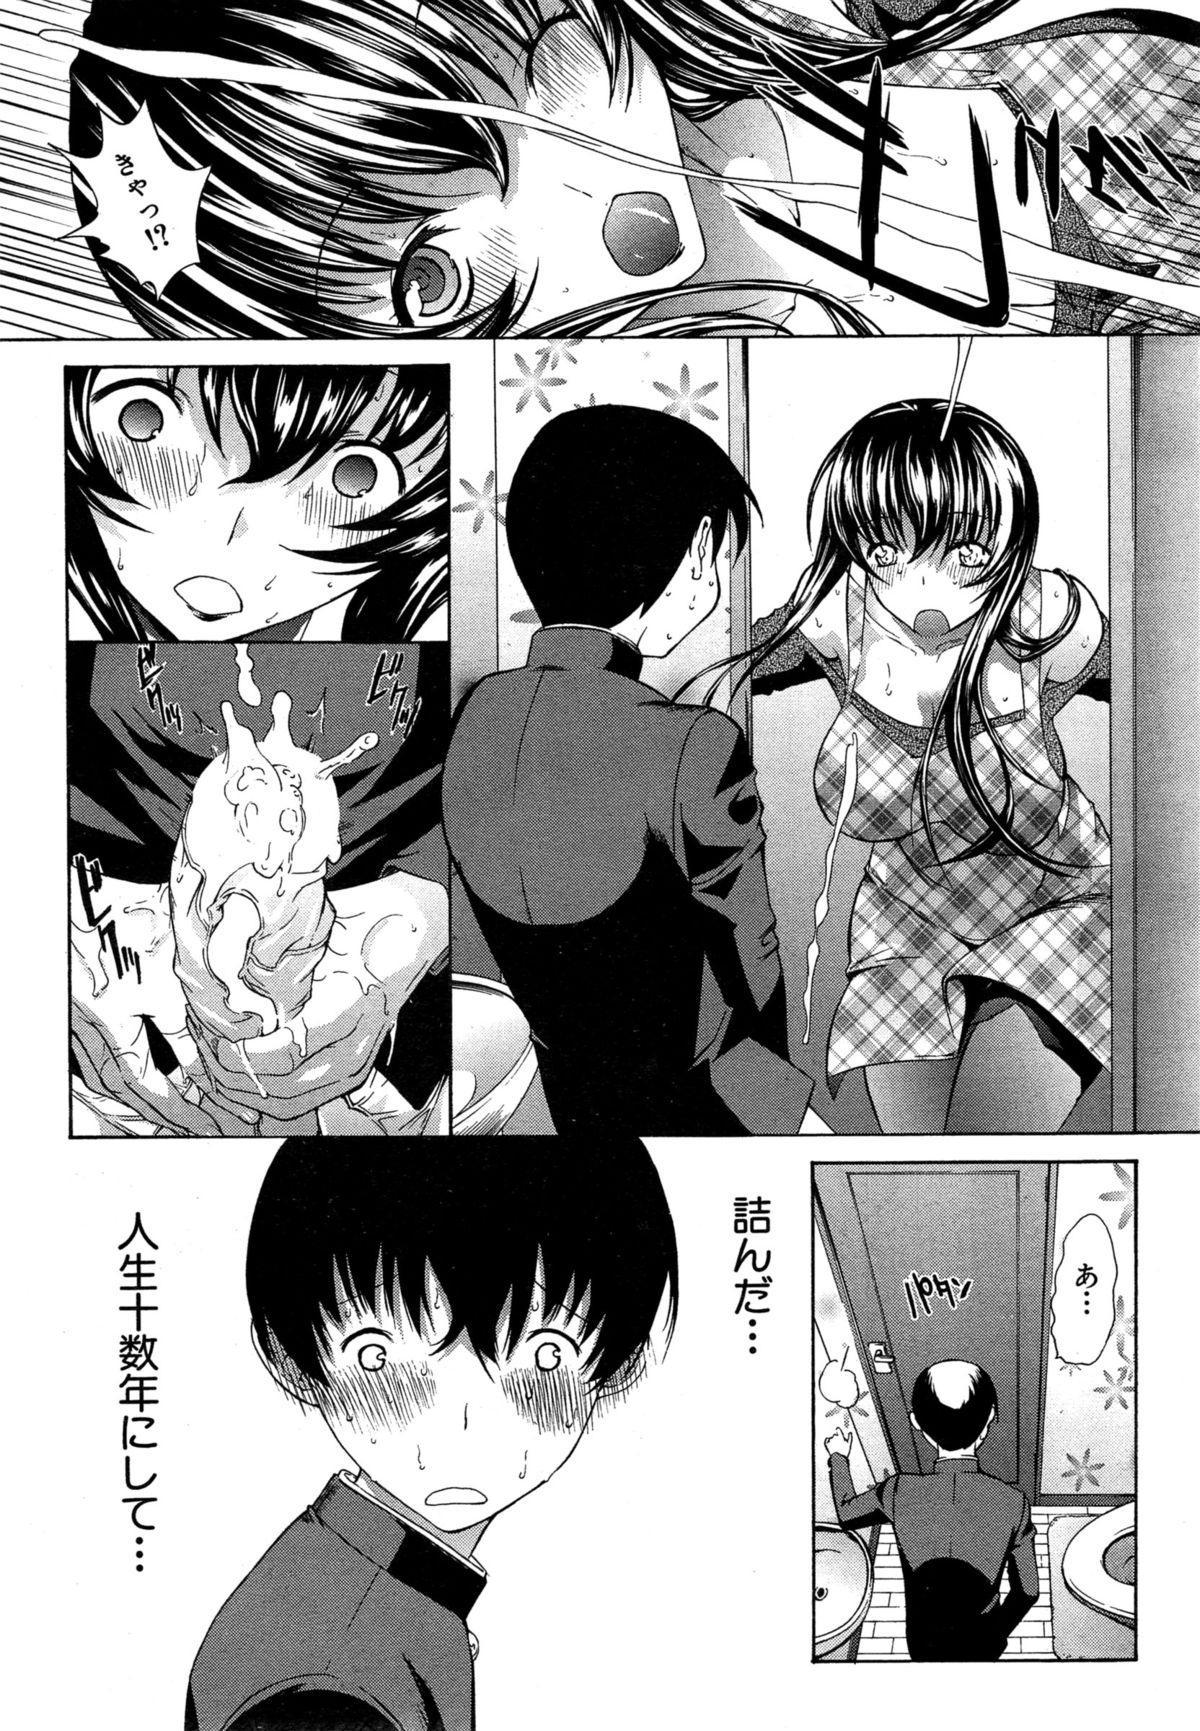 [Kino Hitoshi] Boku no Marie-san Ch. 1-2 5